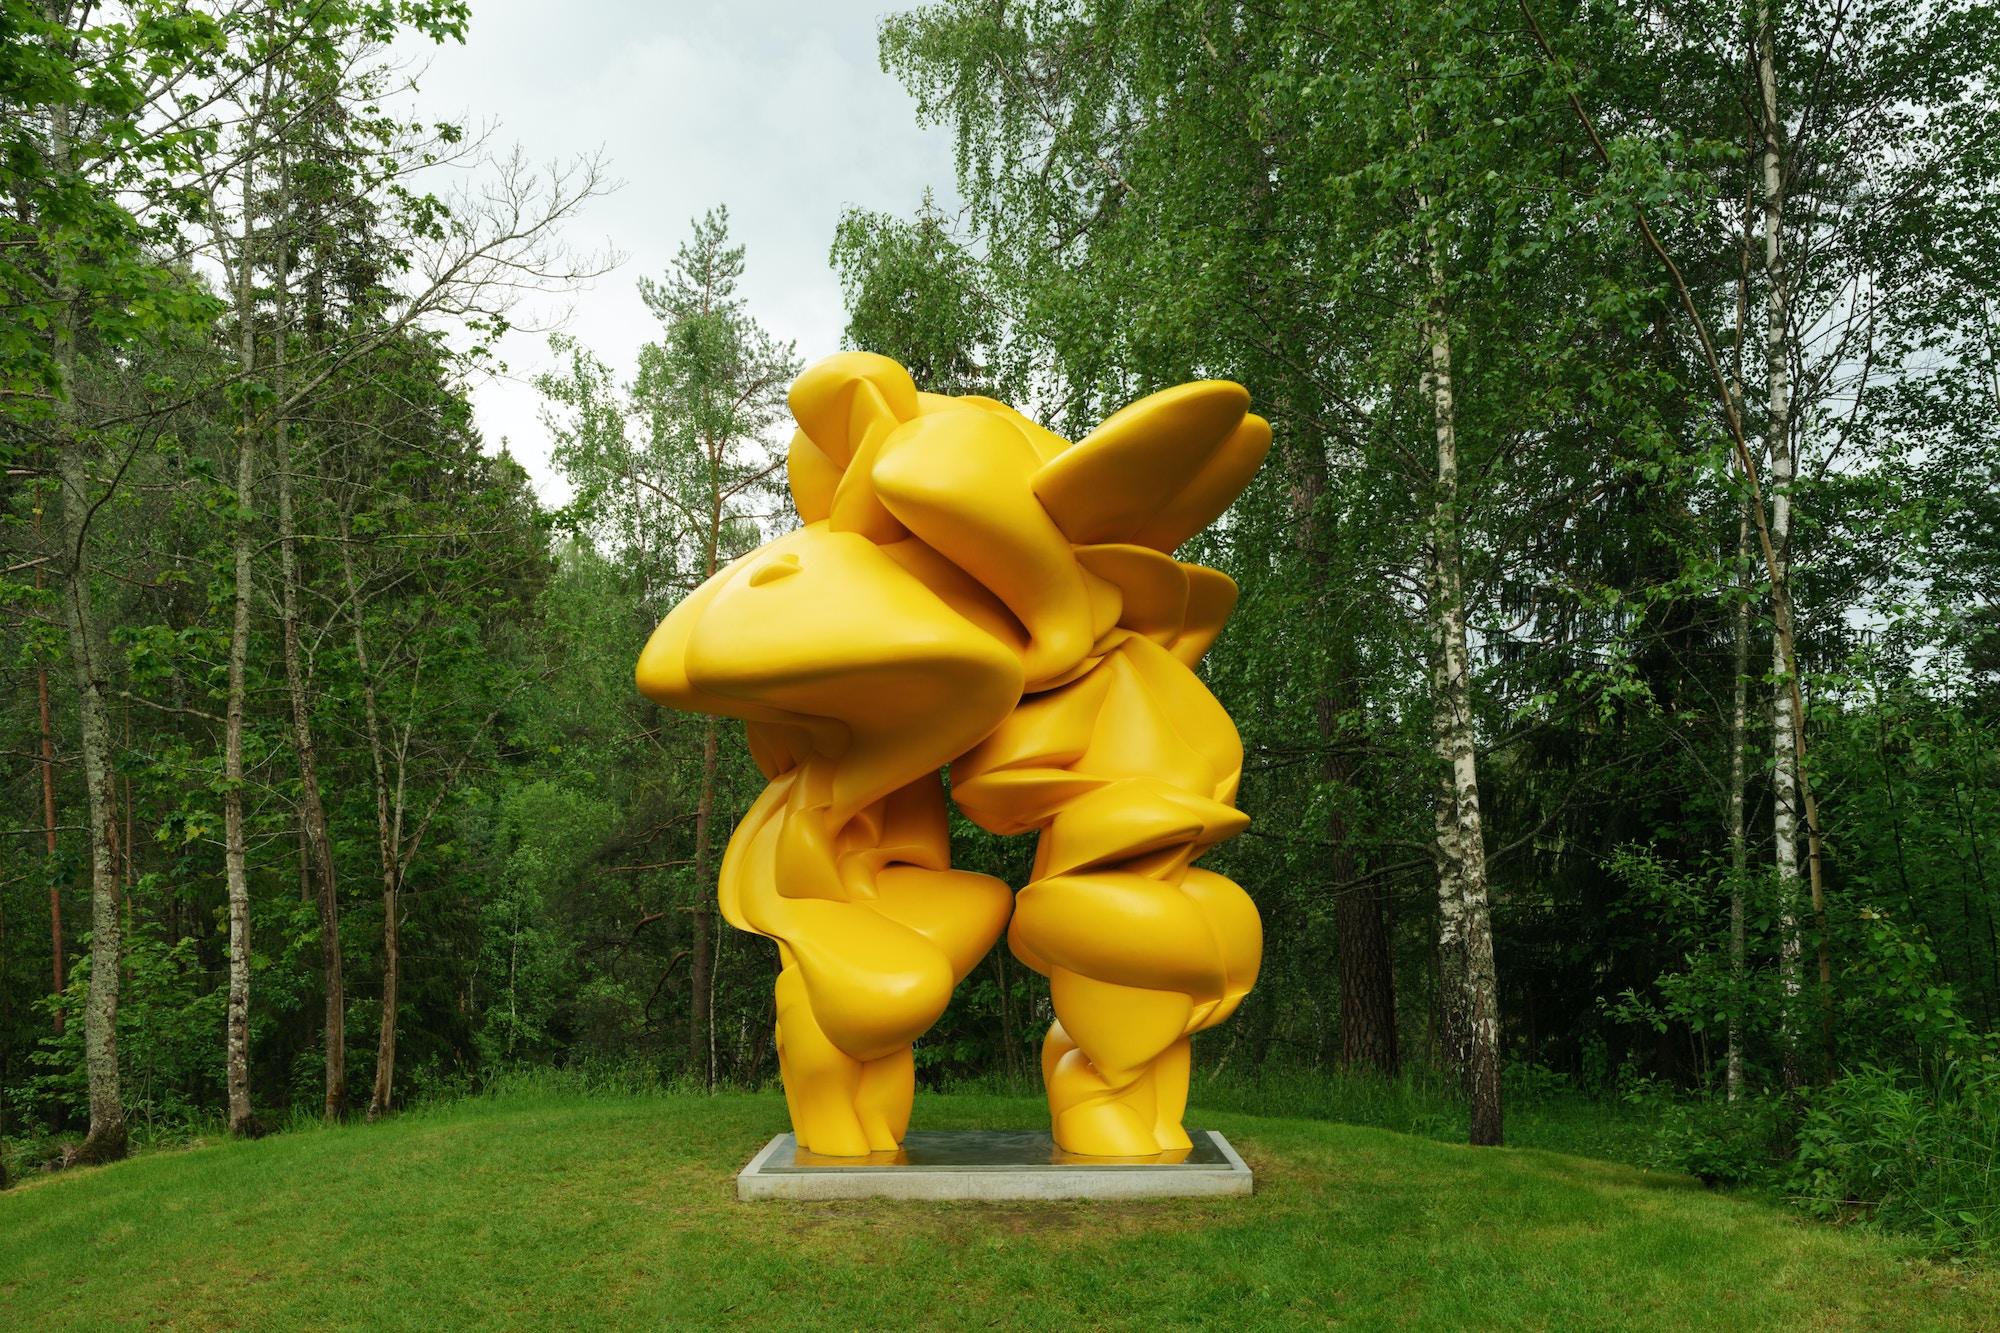 En stor gul skulptur står i skogen.